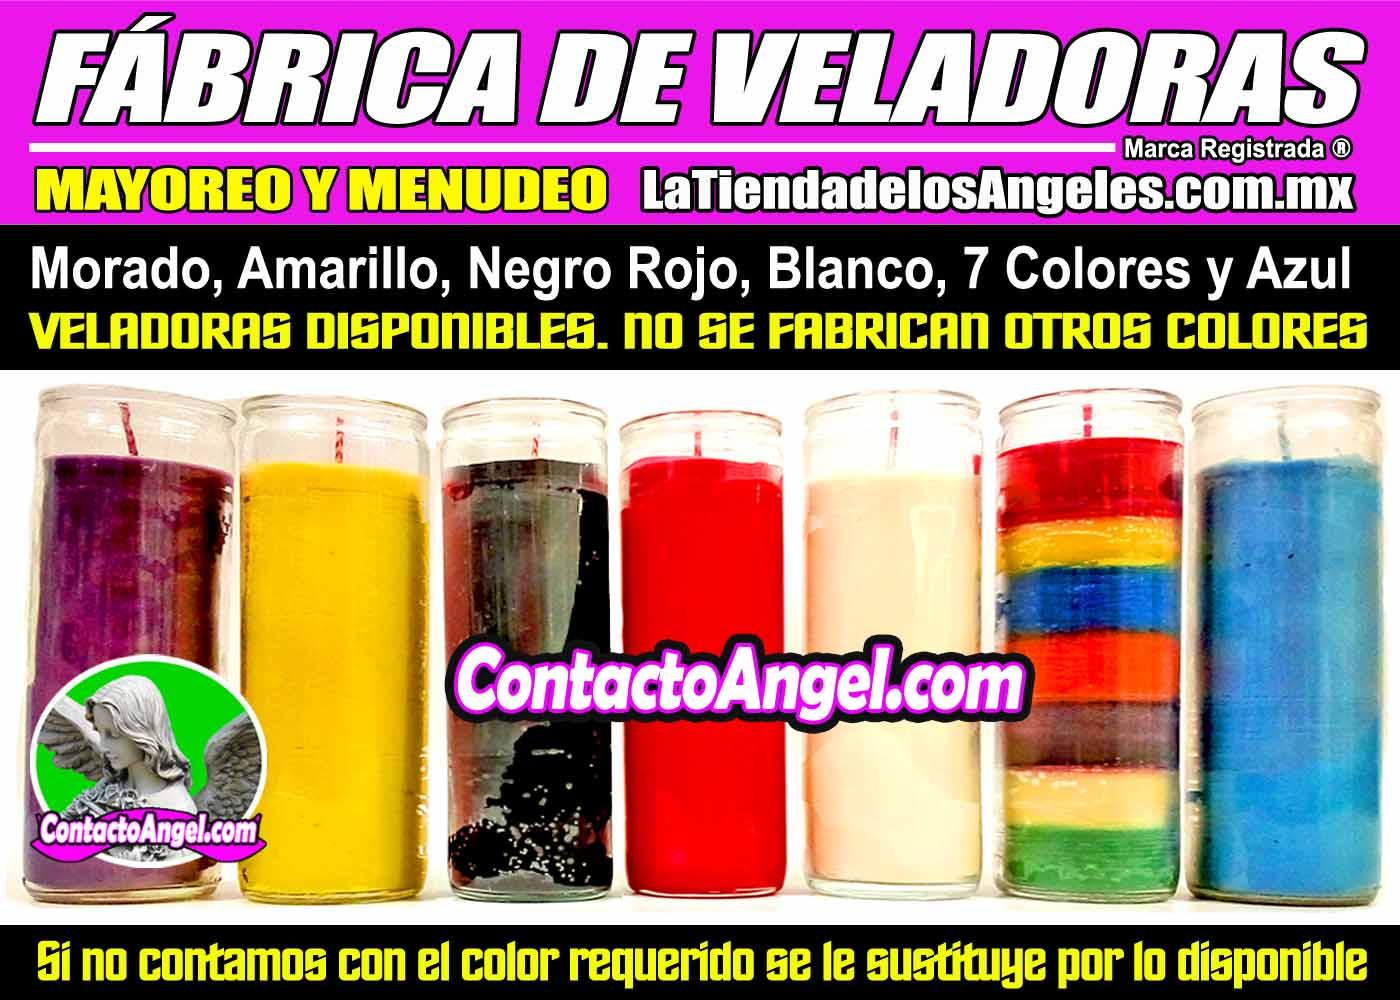 FABRICA DE VELADORAS ESOTERICAS MEXICO - COLORES MAYOREO Y MENUDEO